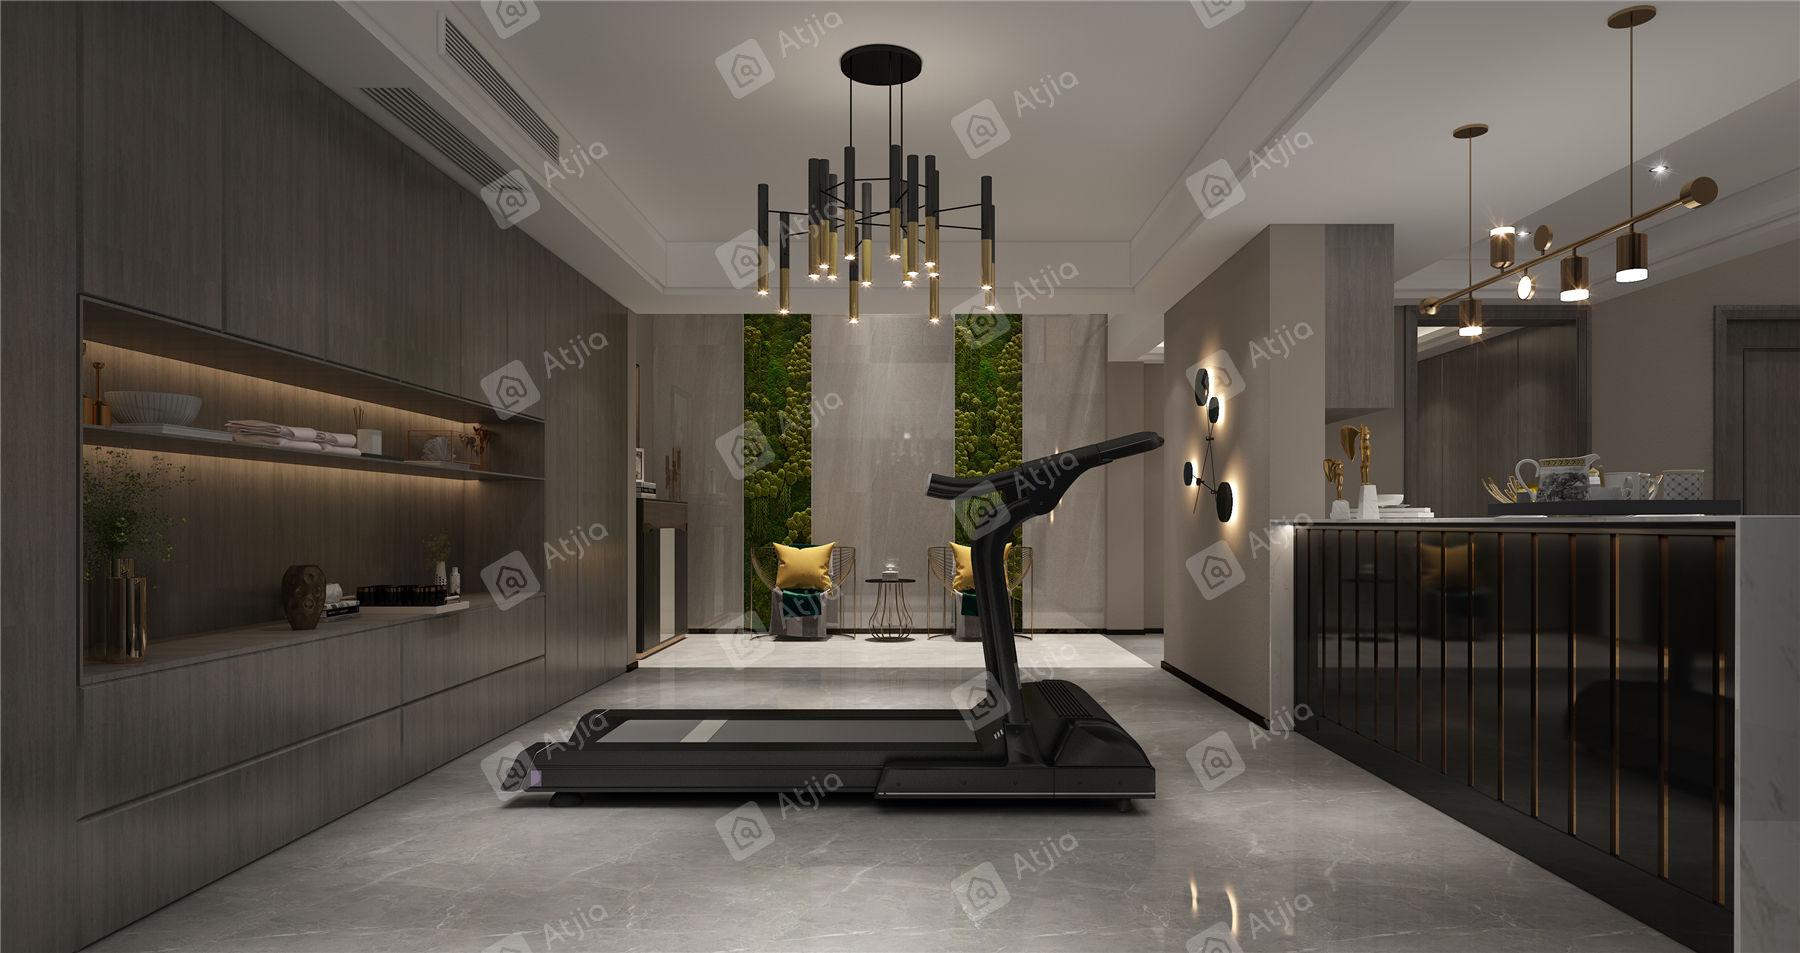 中海铂樾府 现代简约装修健身房效果图